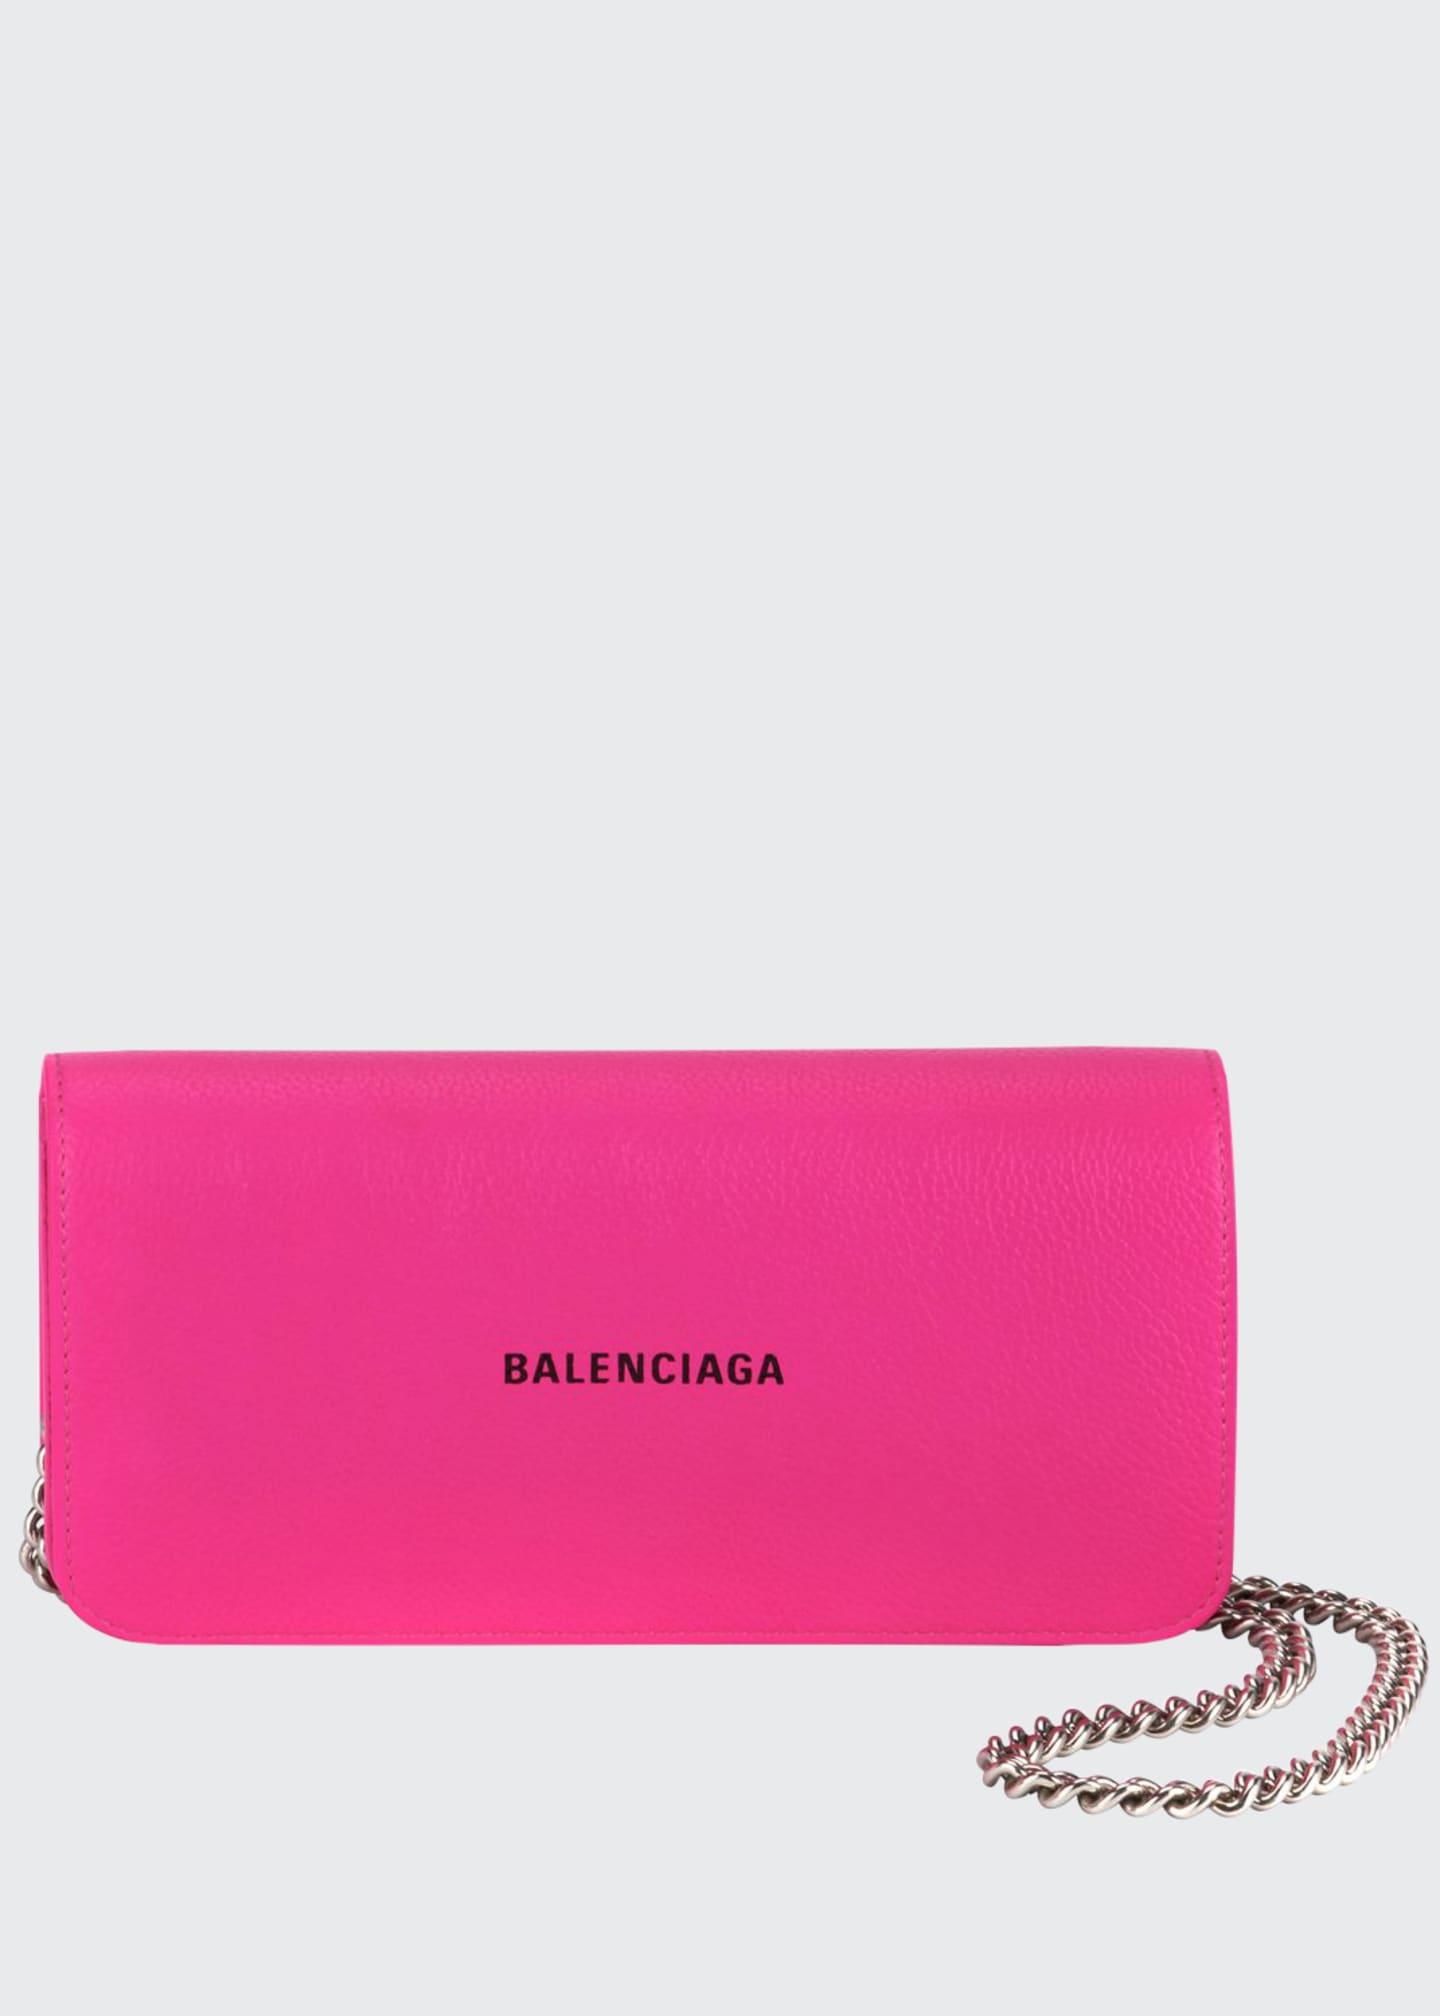 Balenciaga Cash Continental Wallet-On-Chain, Fuchsia